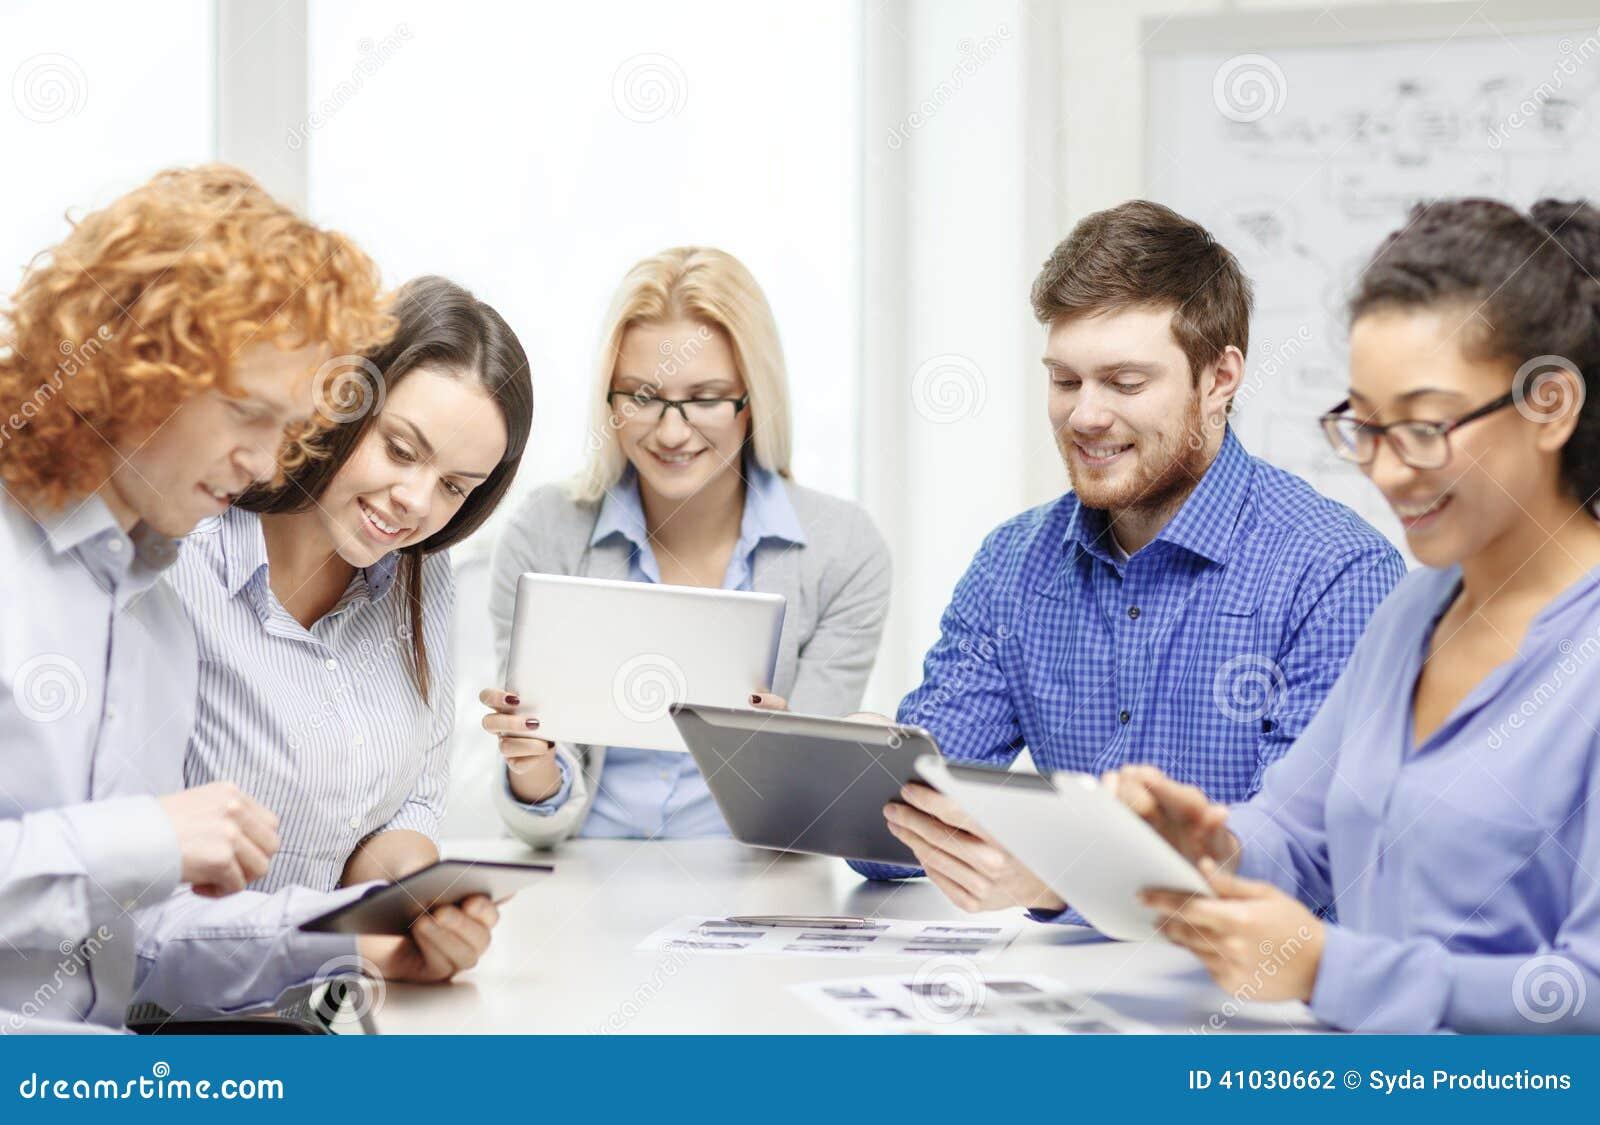 working in teams essay